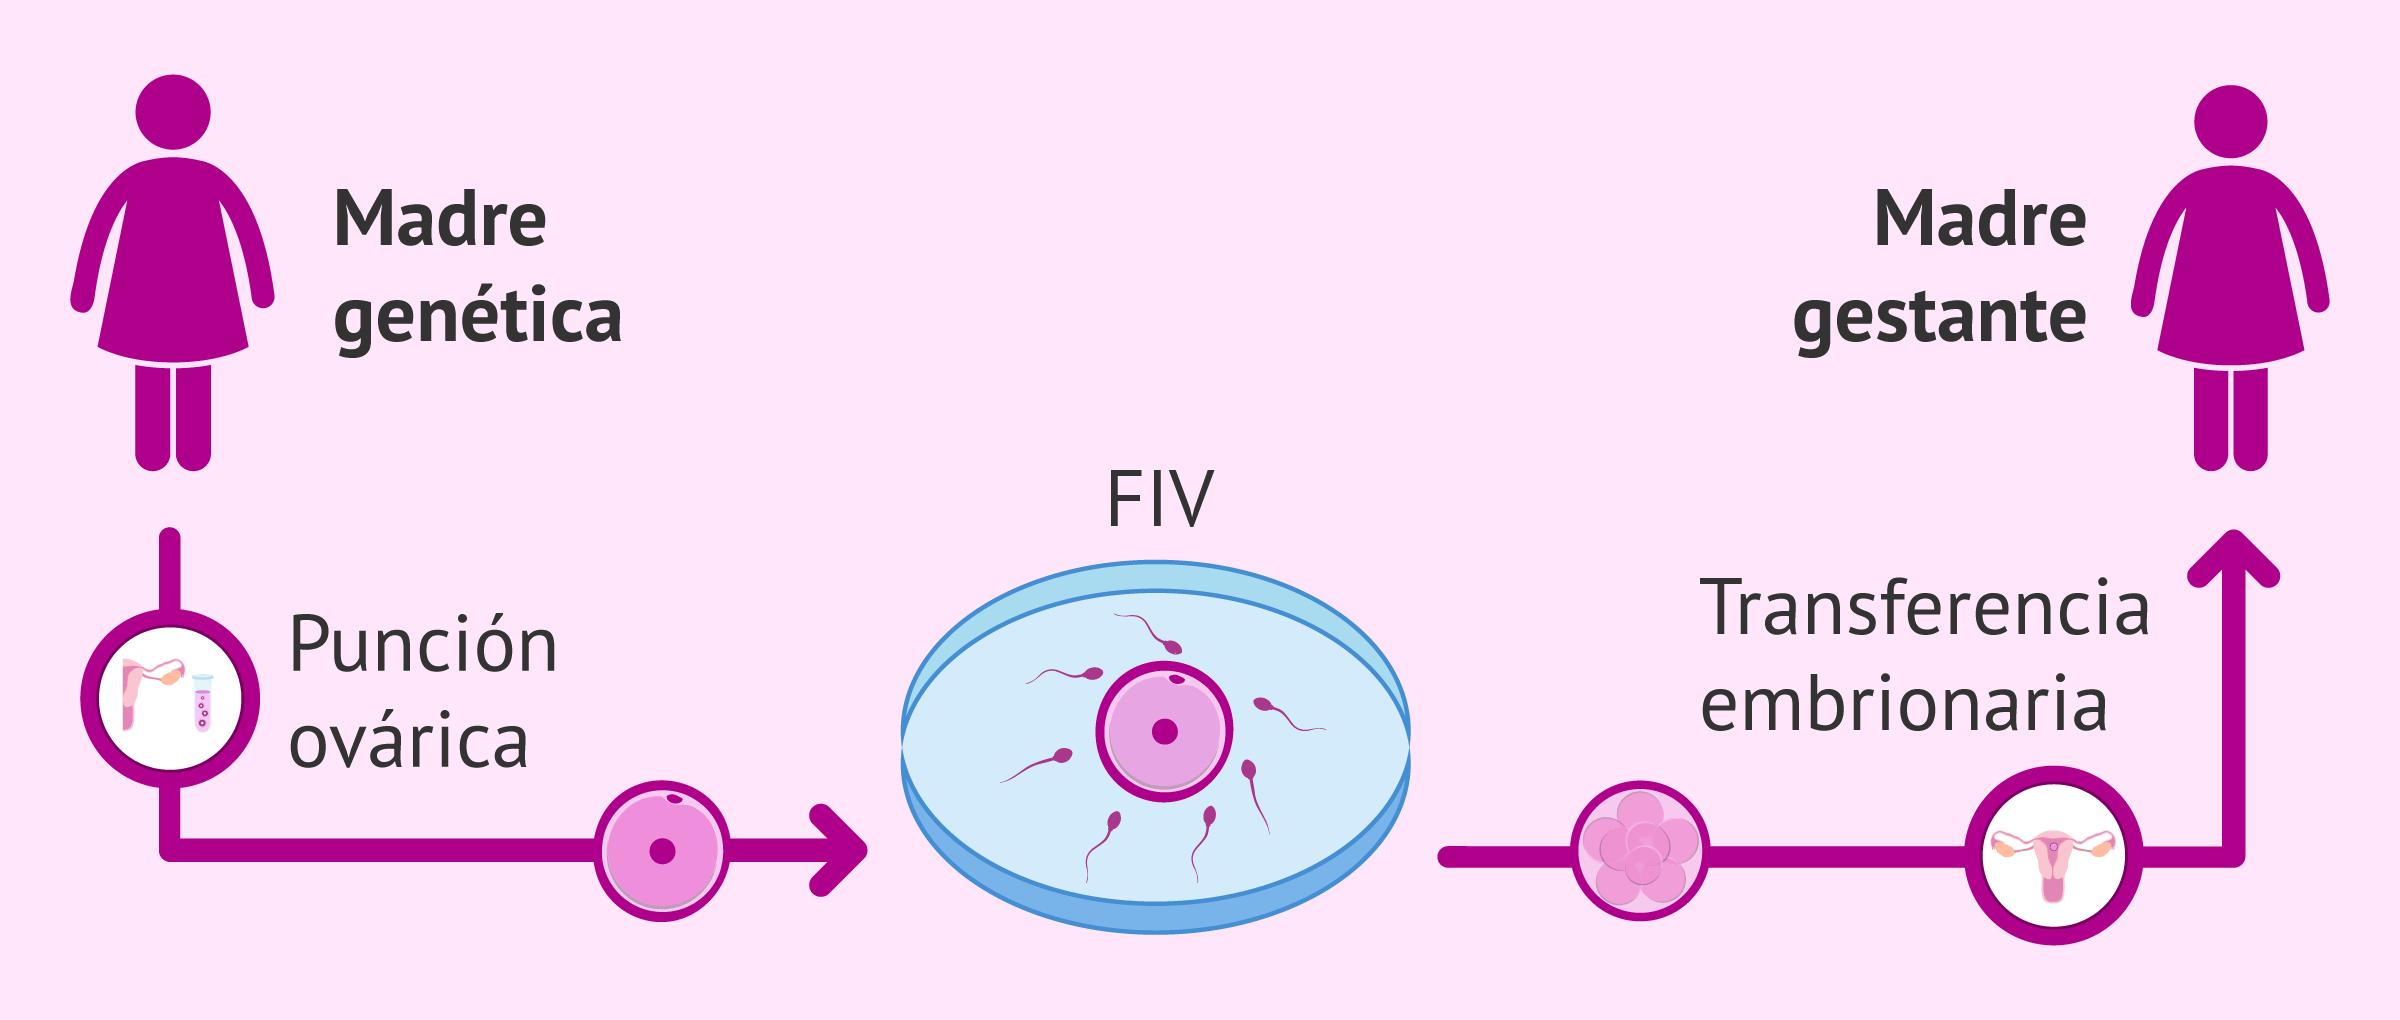 Método de recepción de óvulos de la pareja (ROPA)